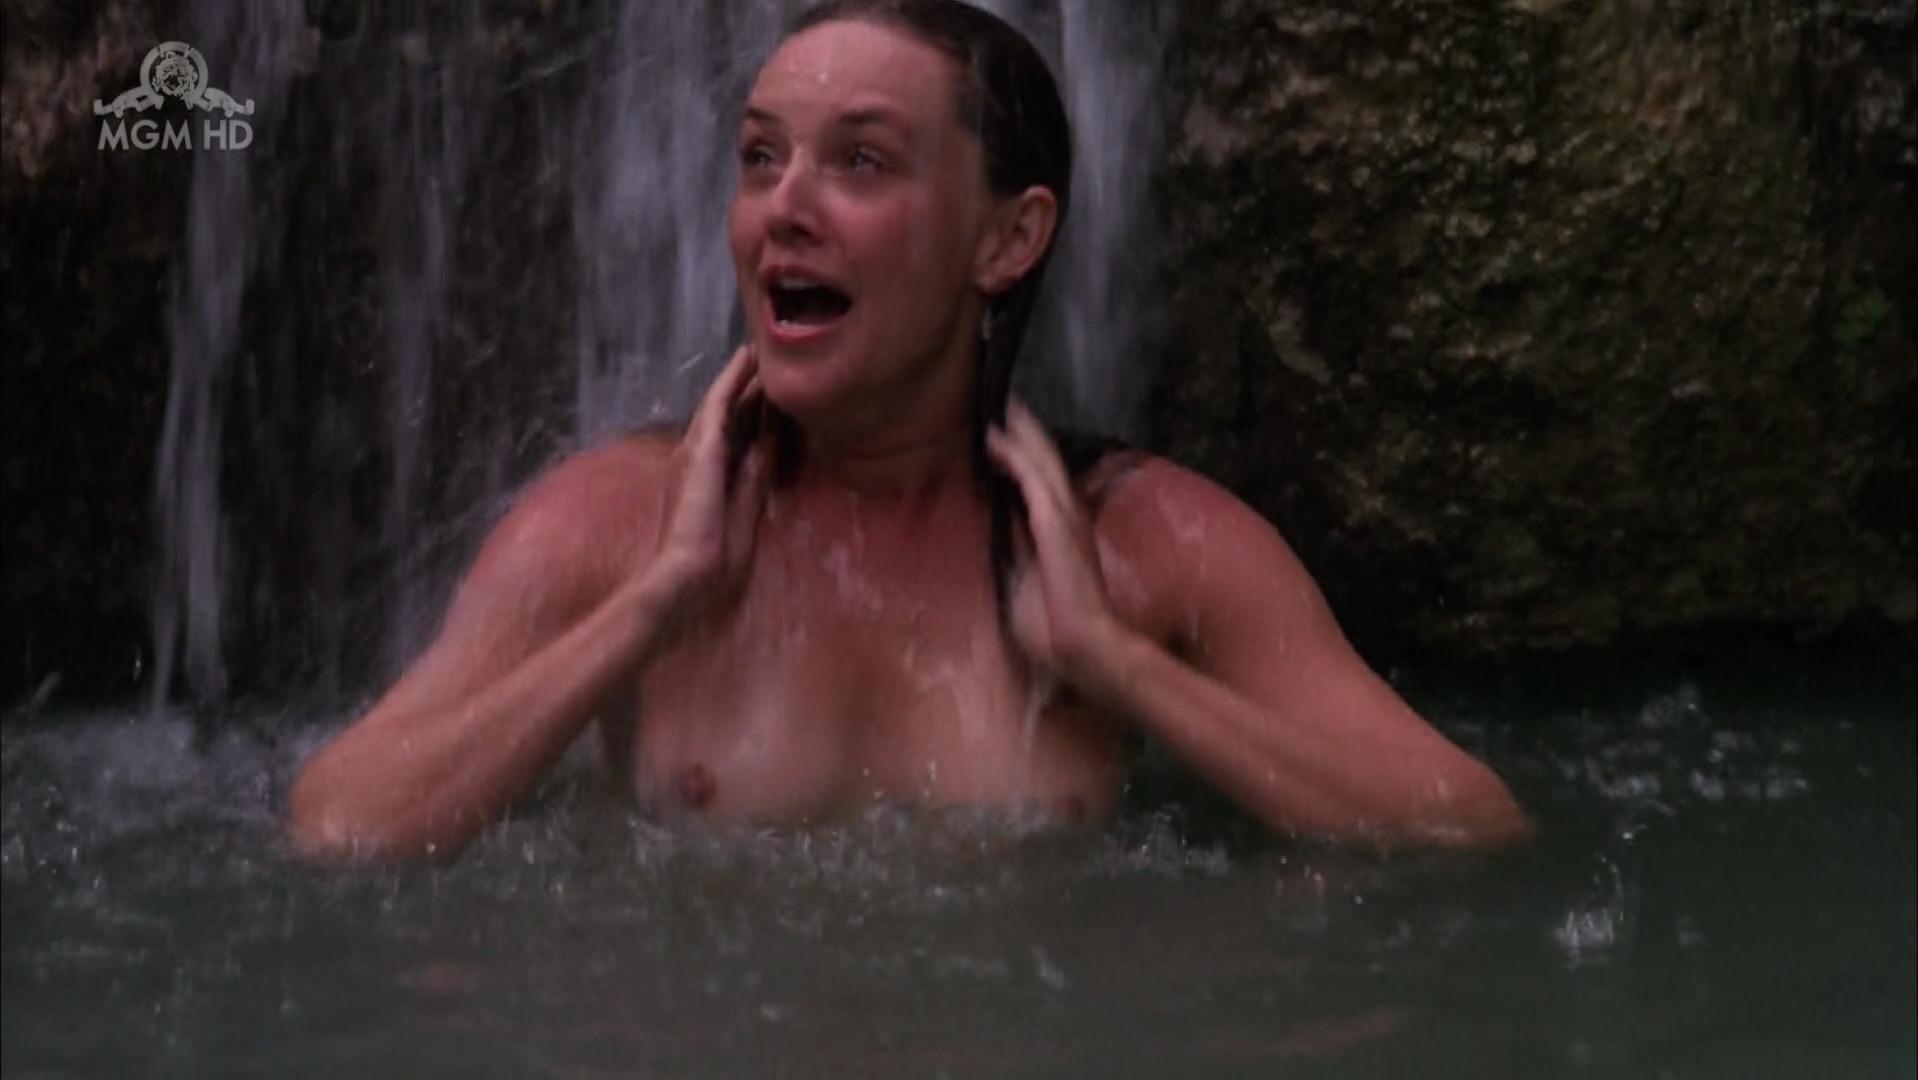 nude video celebs gina gershon nude michele little nude